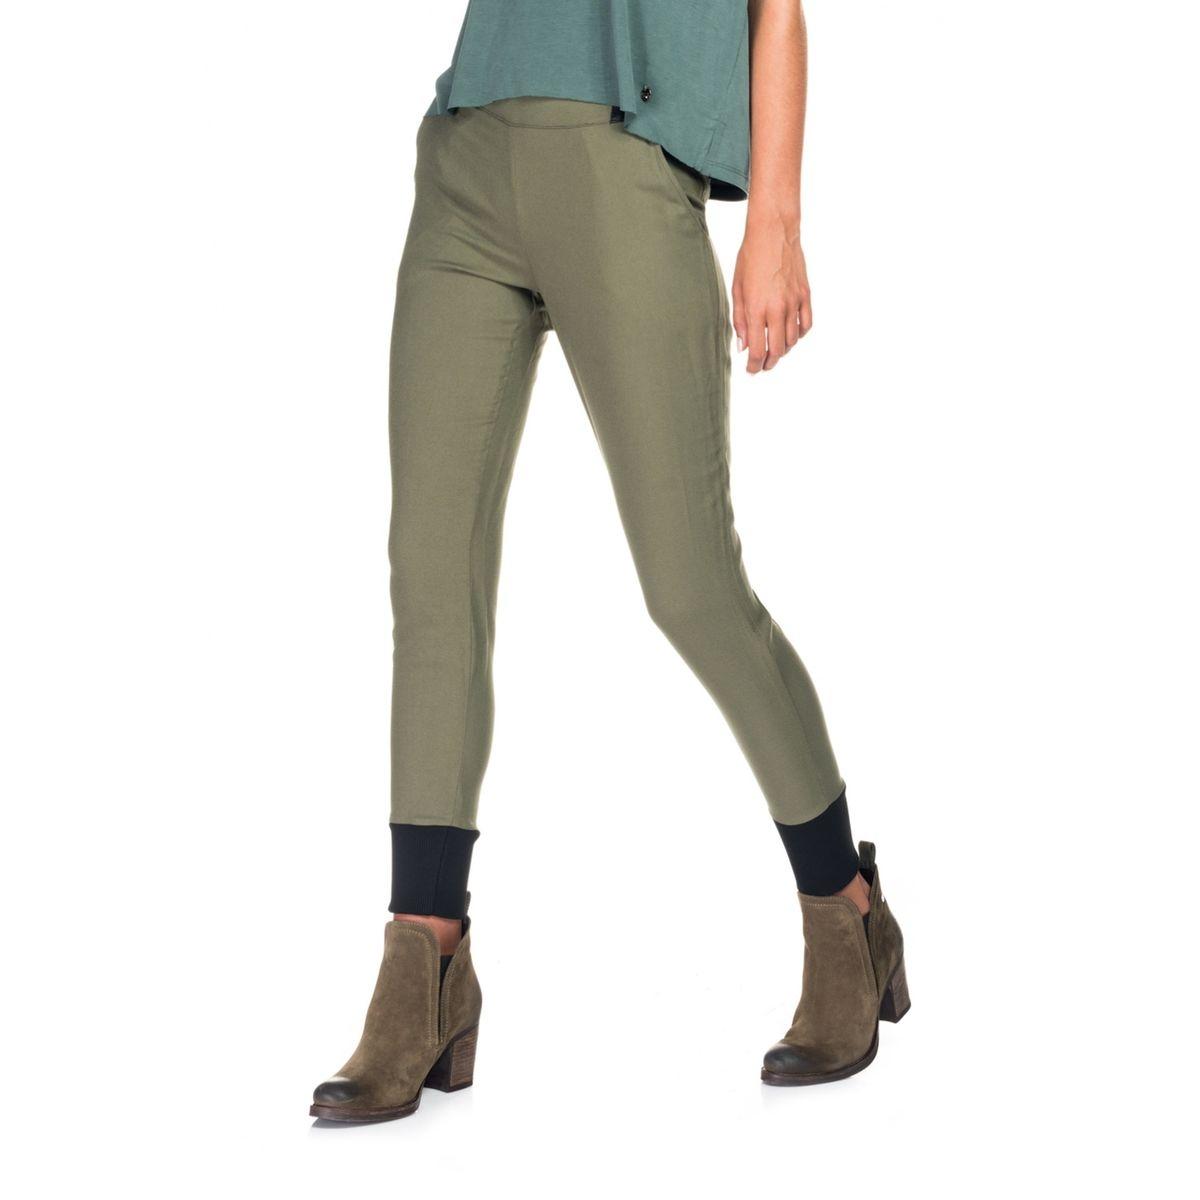 Lori pantalon jogger